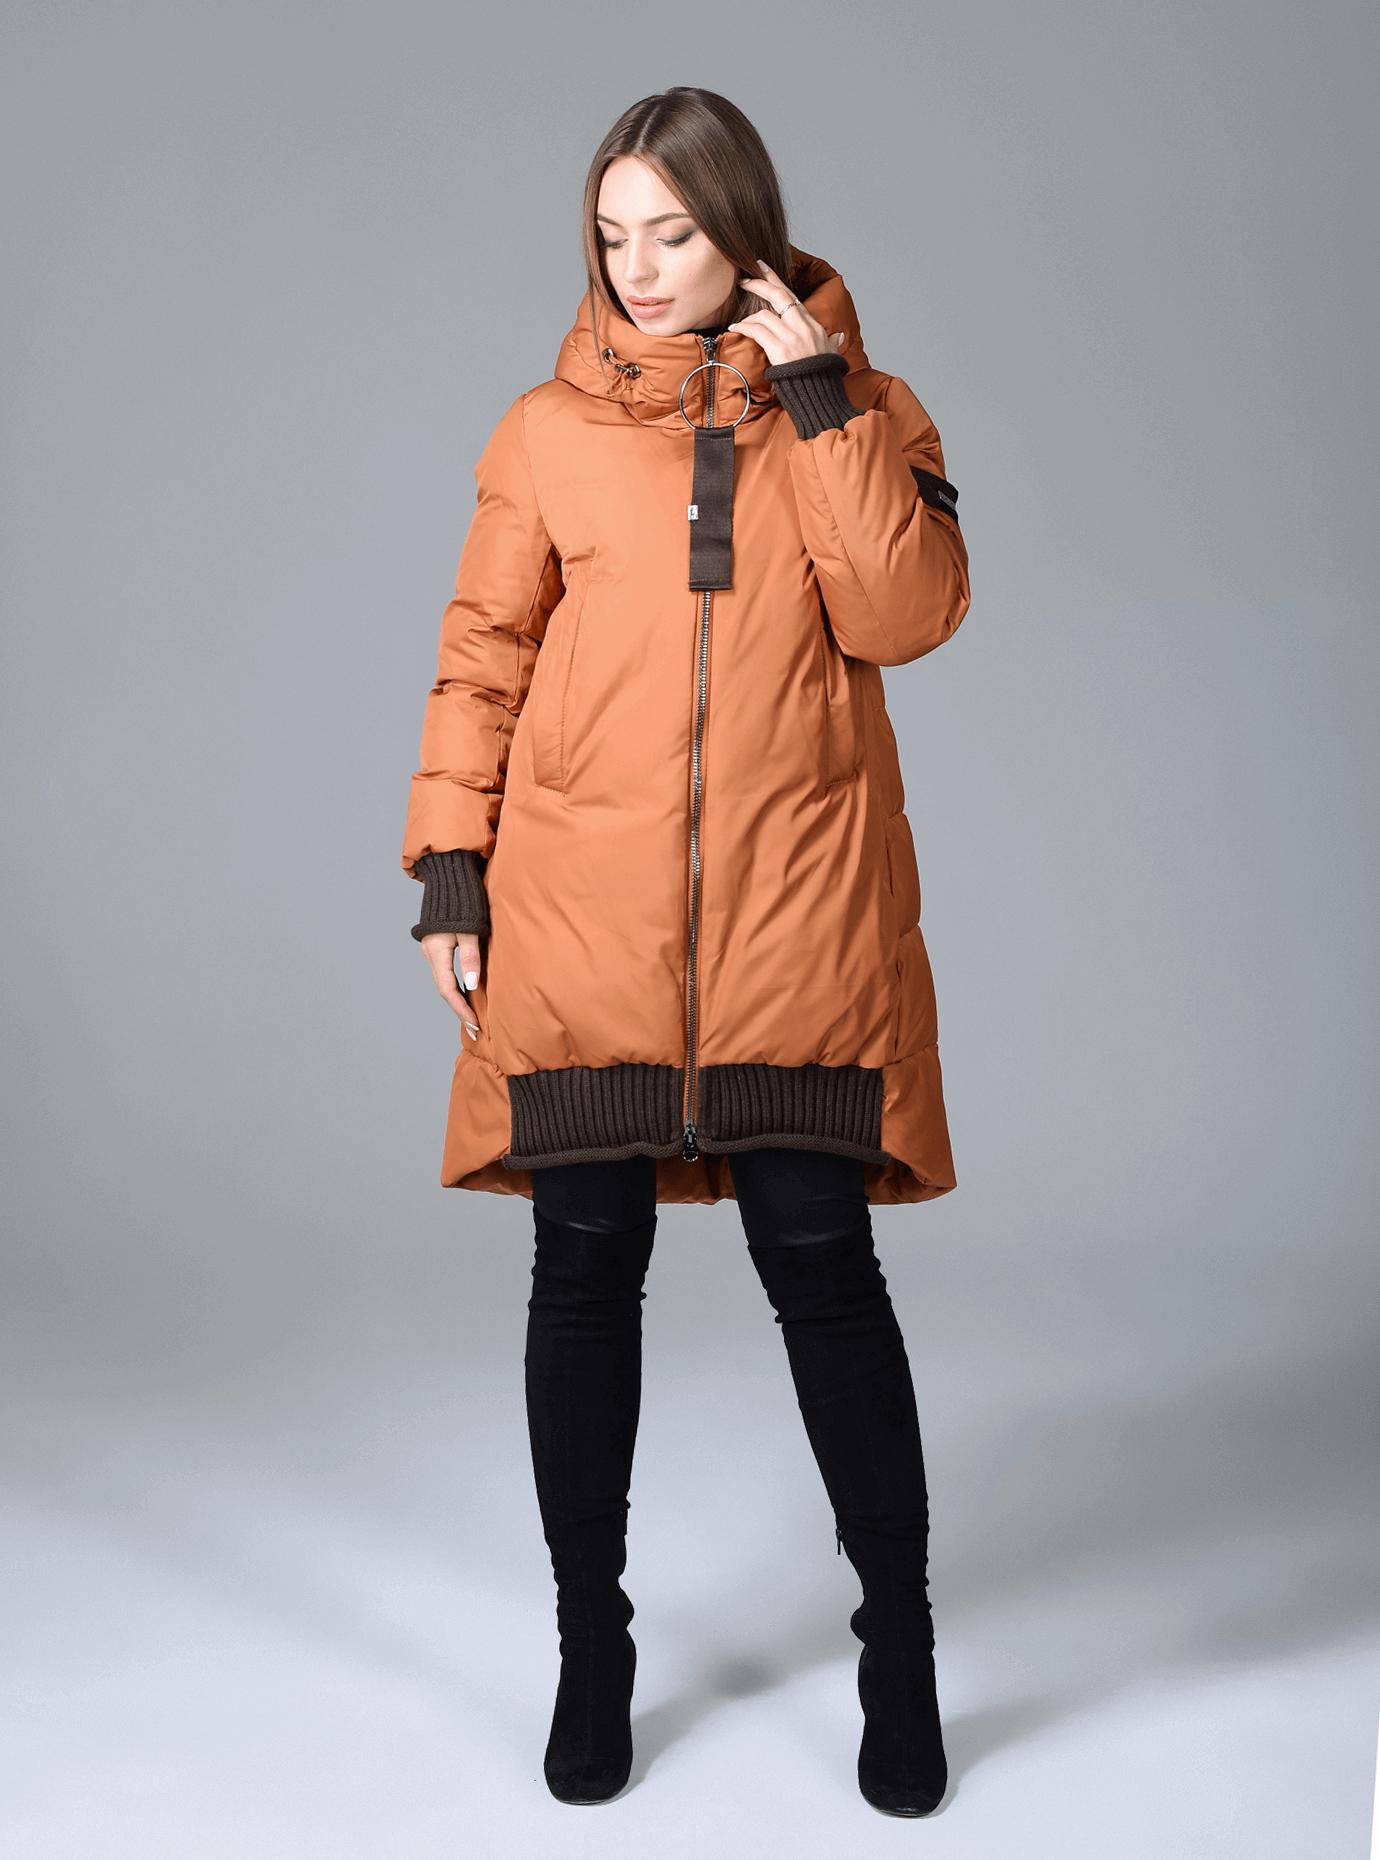 Пуховик женский с капюшоном Оранжевый L (01-9044): фото - Alster.ua